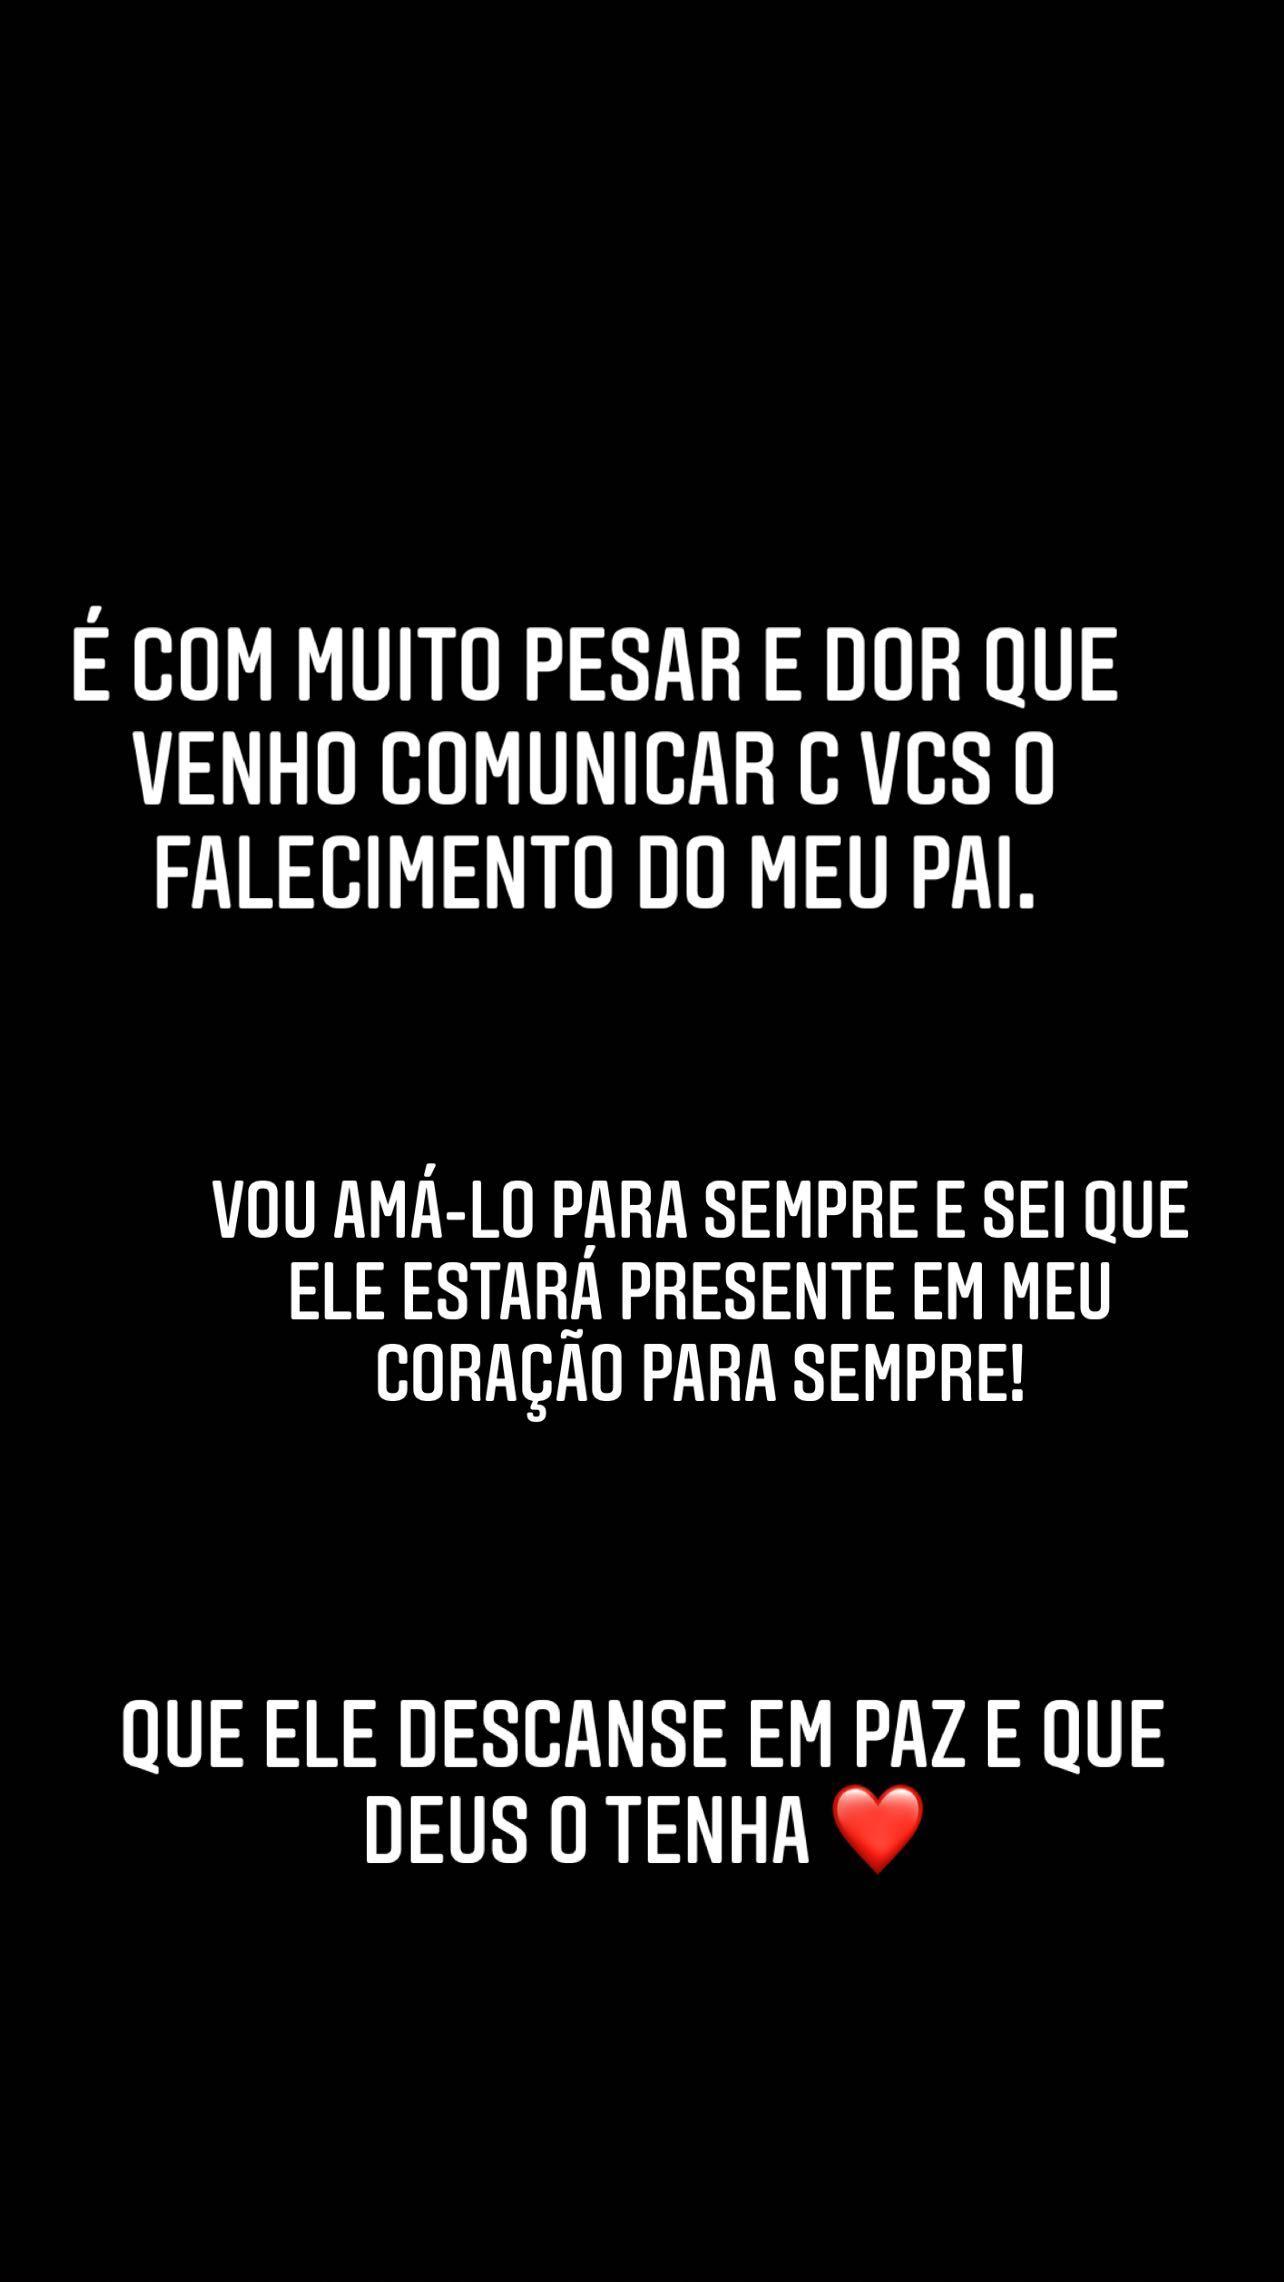 Virgínia Fonseca anunciou morte do pai pelo Instagram - Foto: Reprodução/Instagram